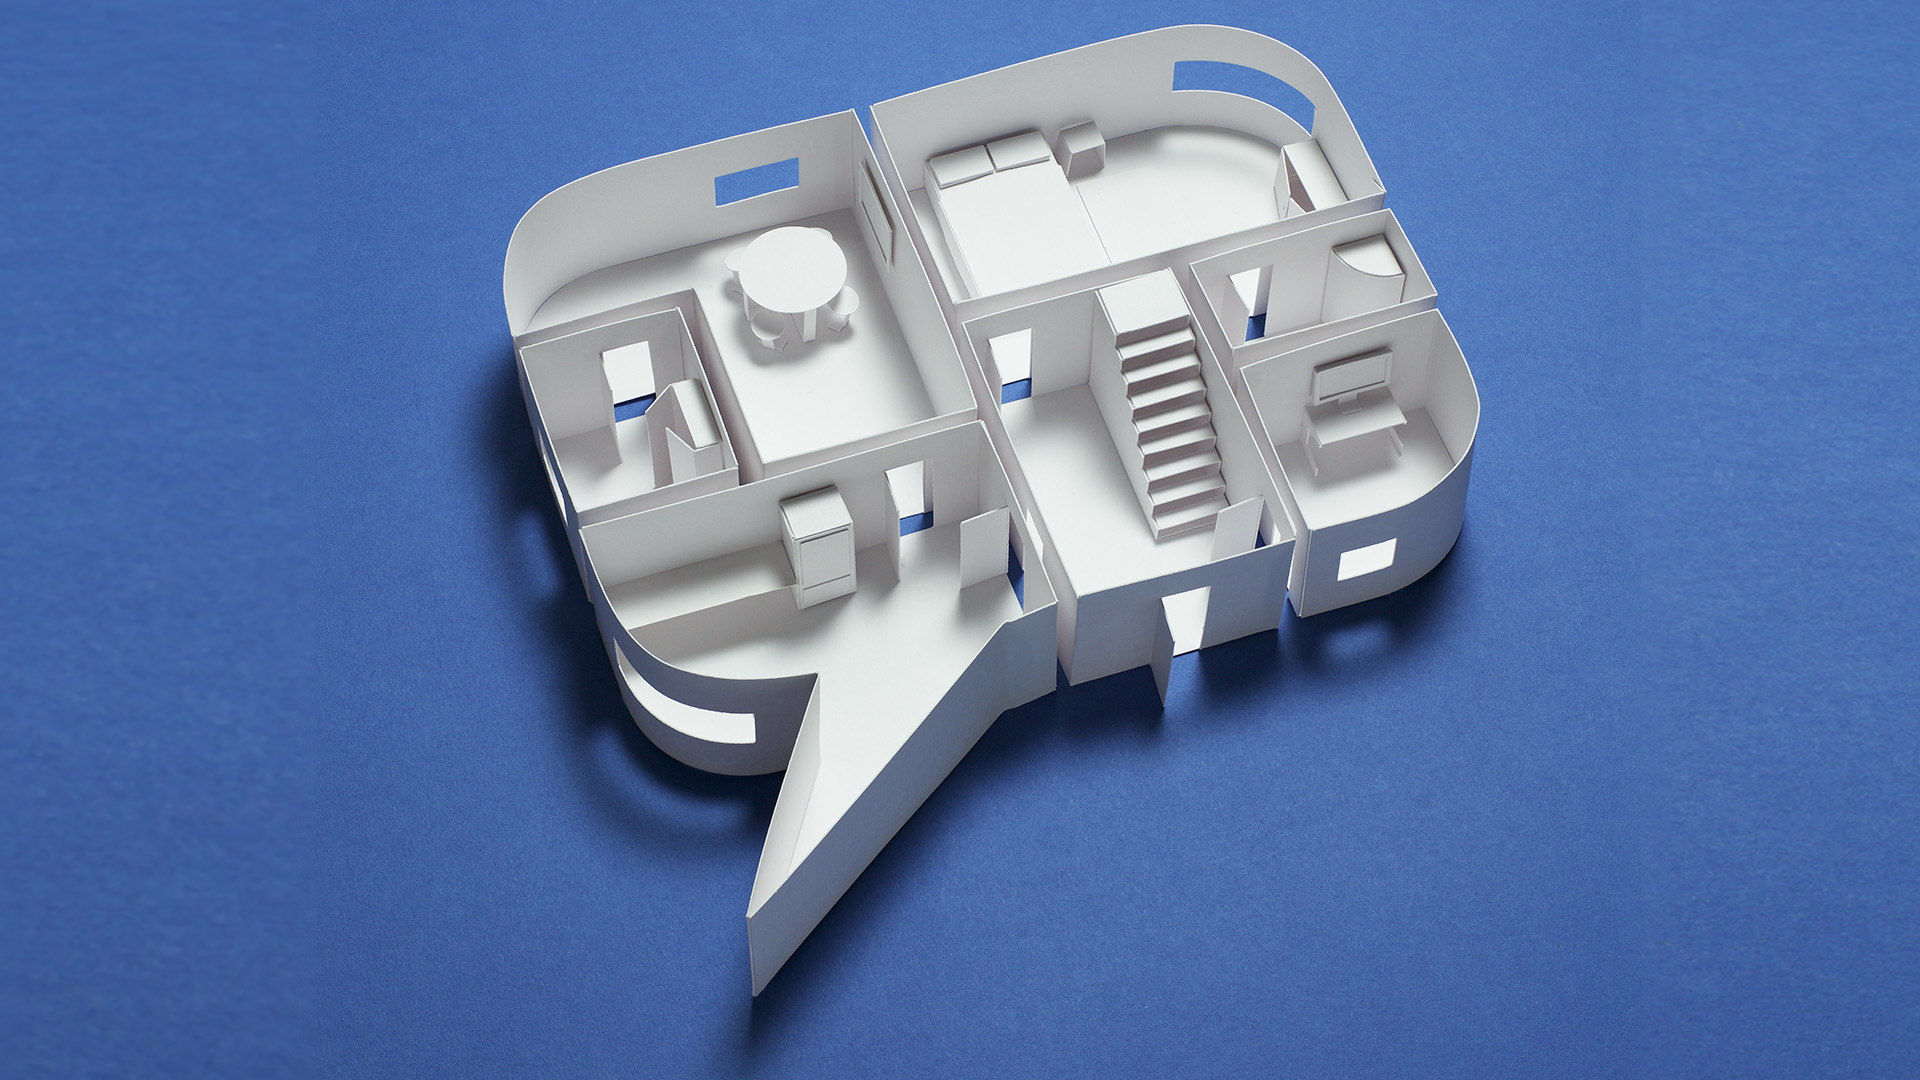 FastCoAmazon T01 kylebean